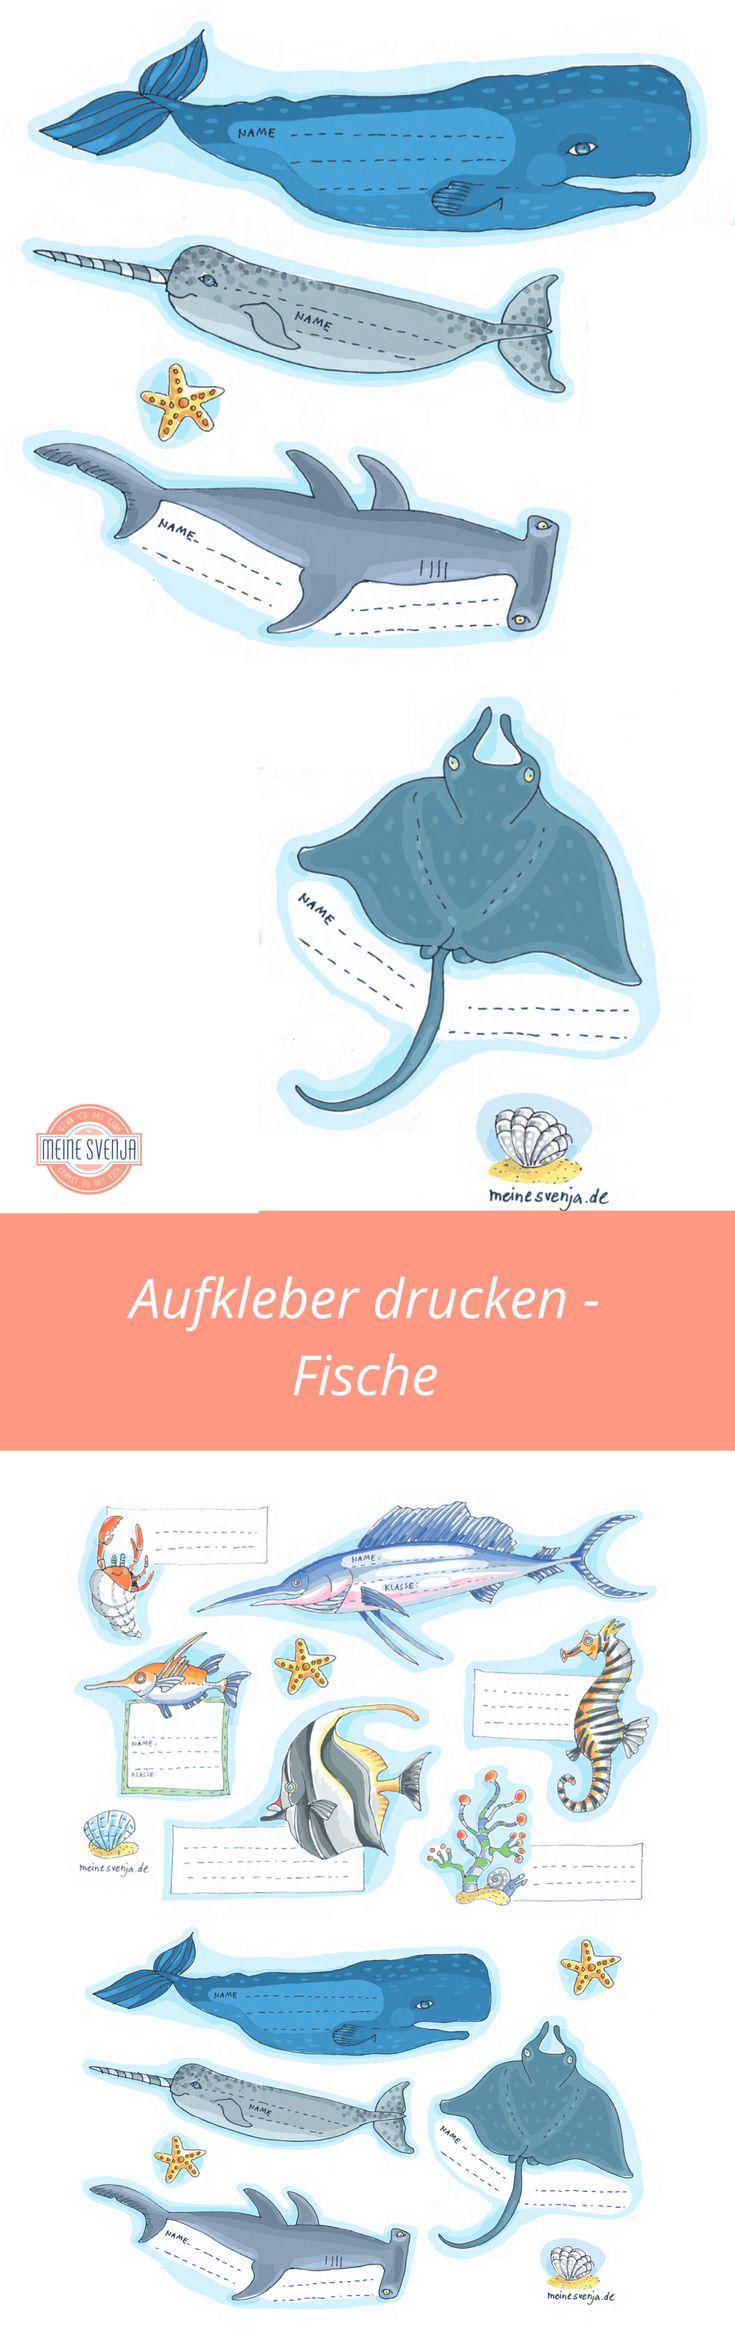 Fische Zeichnung - Aufkleber drucken als kostenloser Download. Fische und Unterwasserwelten als Heftetiketten nutzen.